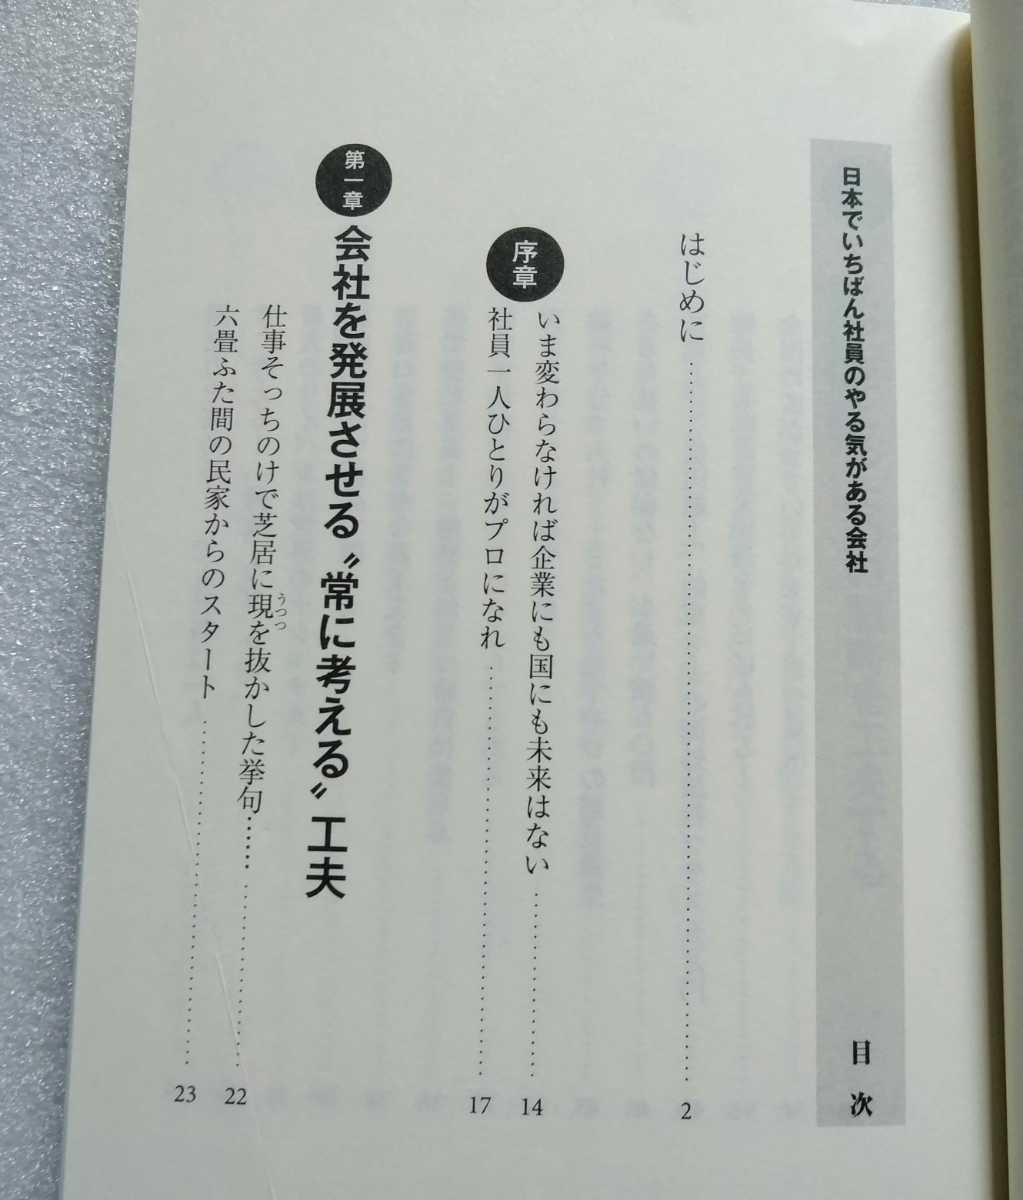 日本でいちばん社員のやる気がある会社 山田昭男 2010年3月2日第1刷 中経の文庫 220ページ_画像3